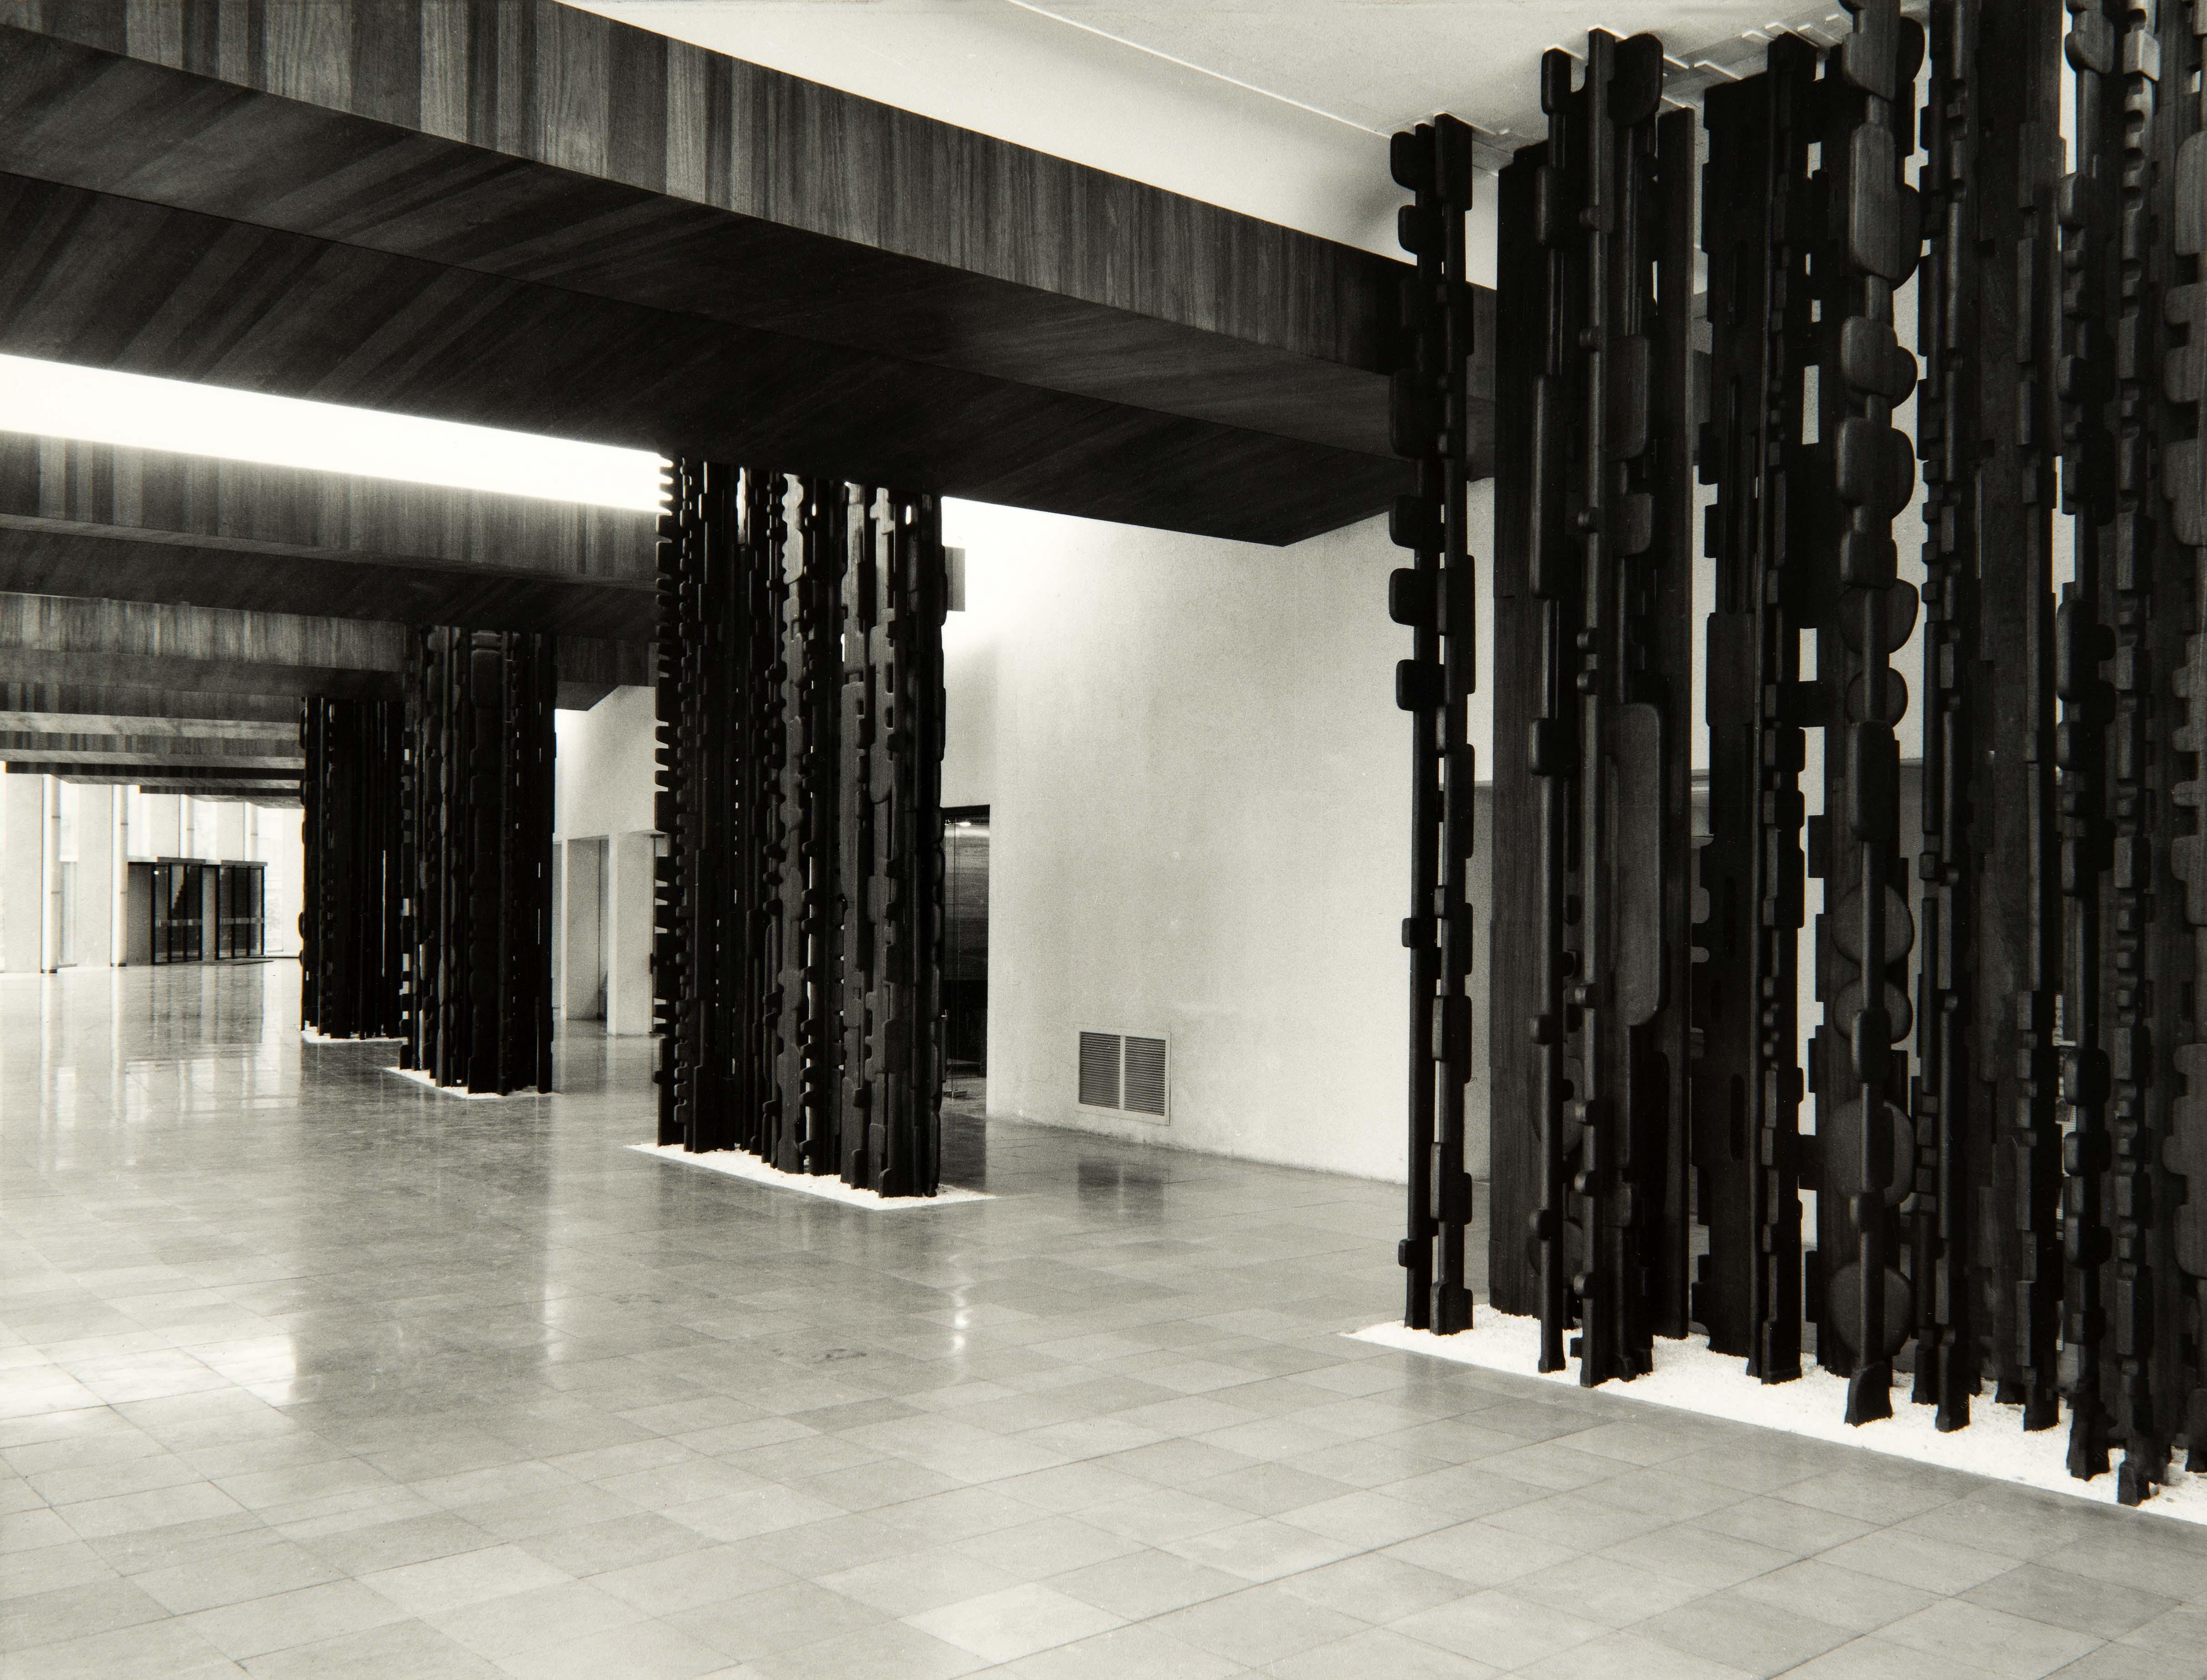 La sculpture de Stahly, Echo de la Forêt, reprend racine à la Maison de la Radio